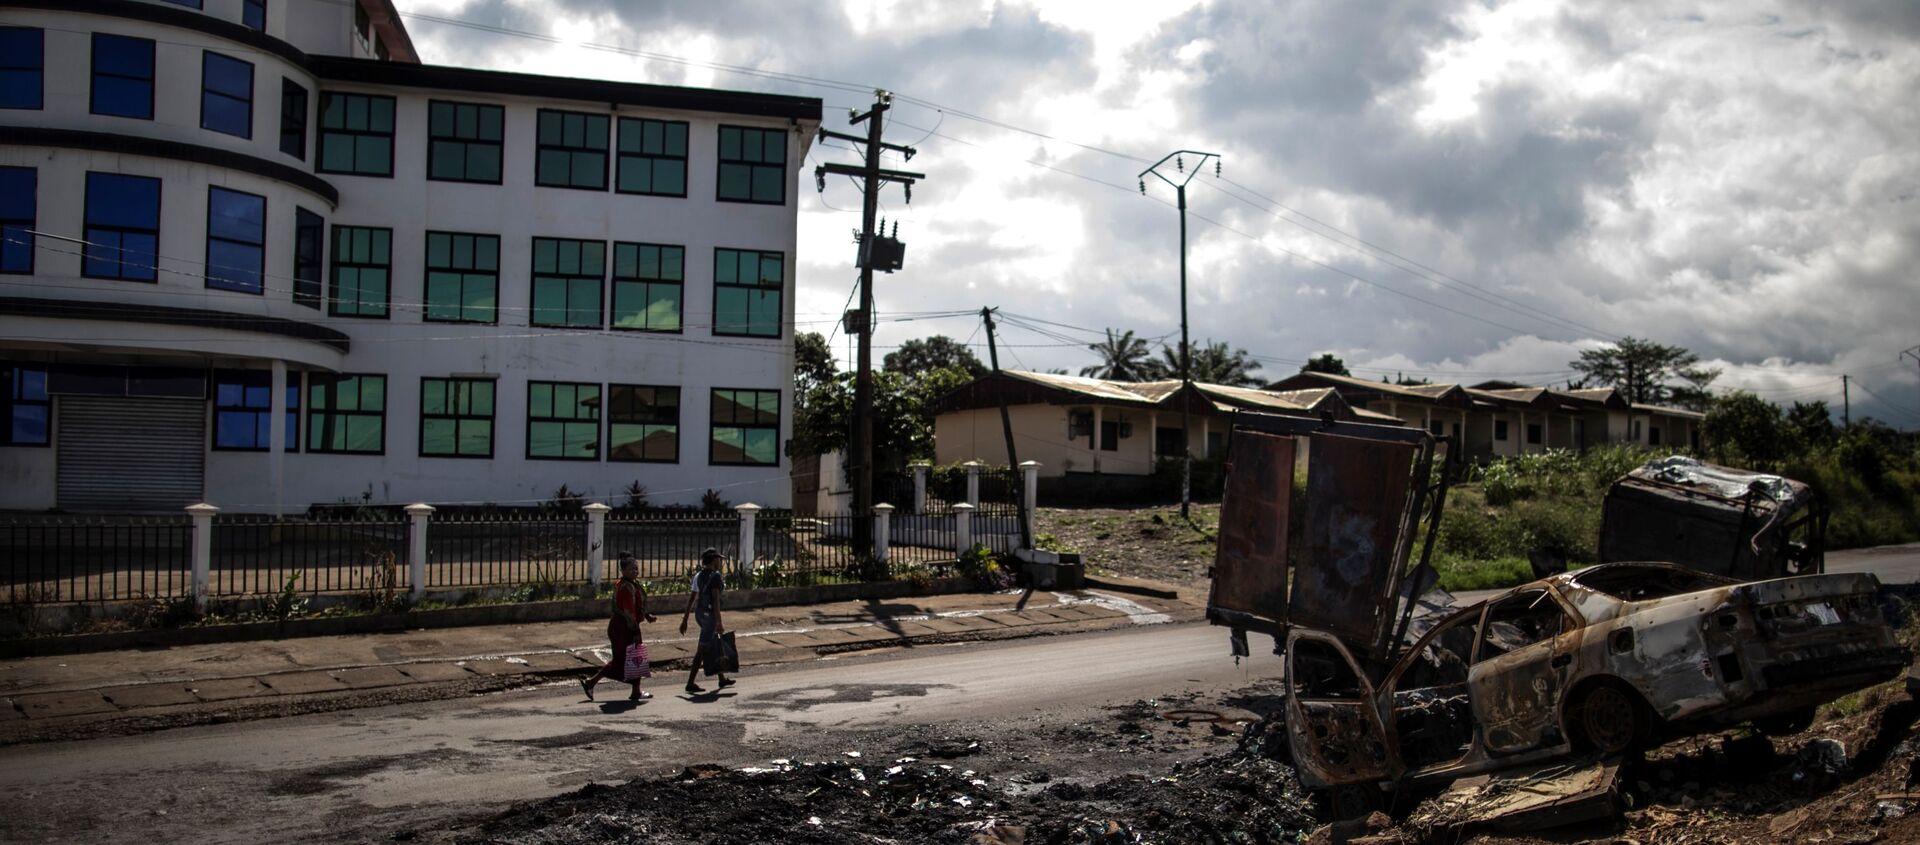 Conséquences de la crise séparatiste au Cameroun - Sputnik France, 1920, 24.09.2019